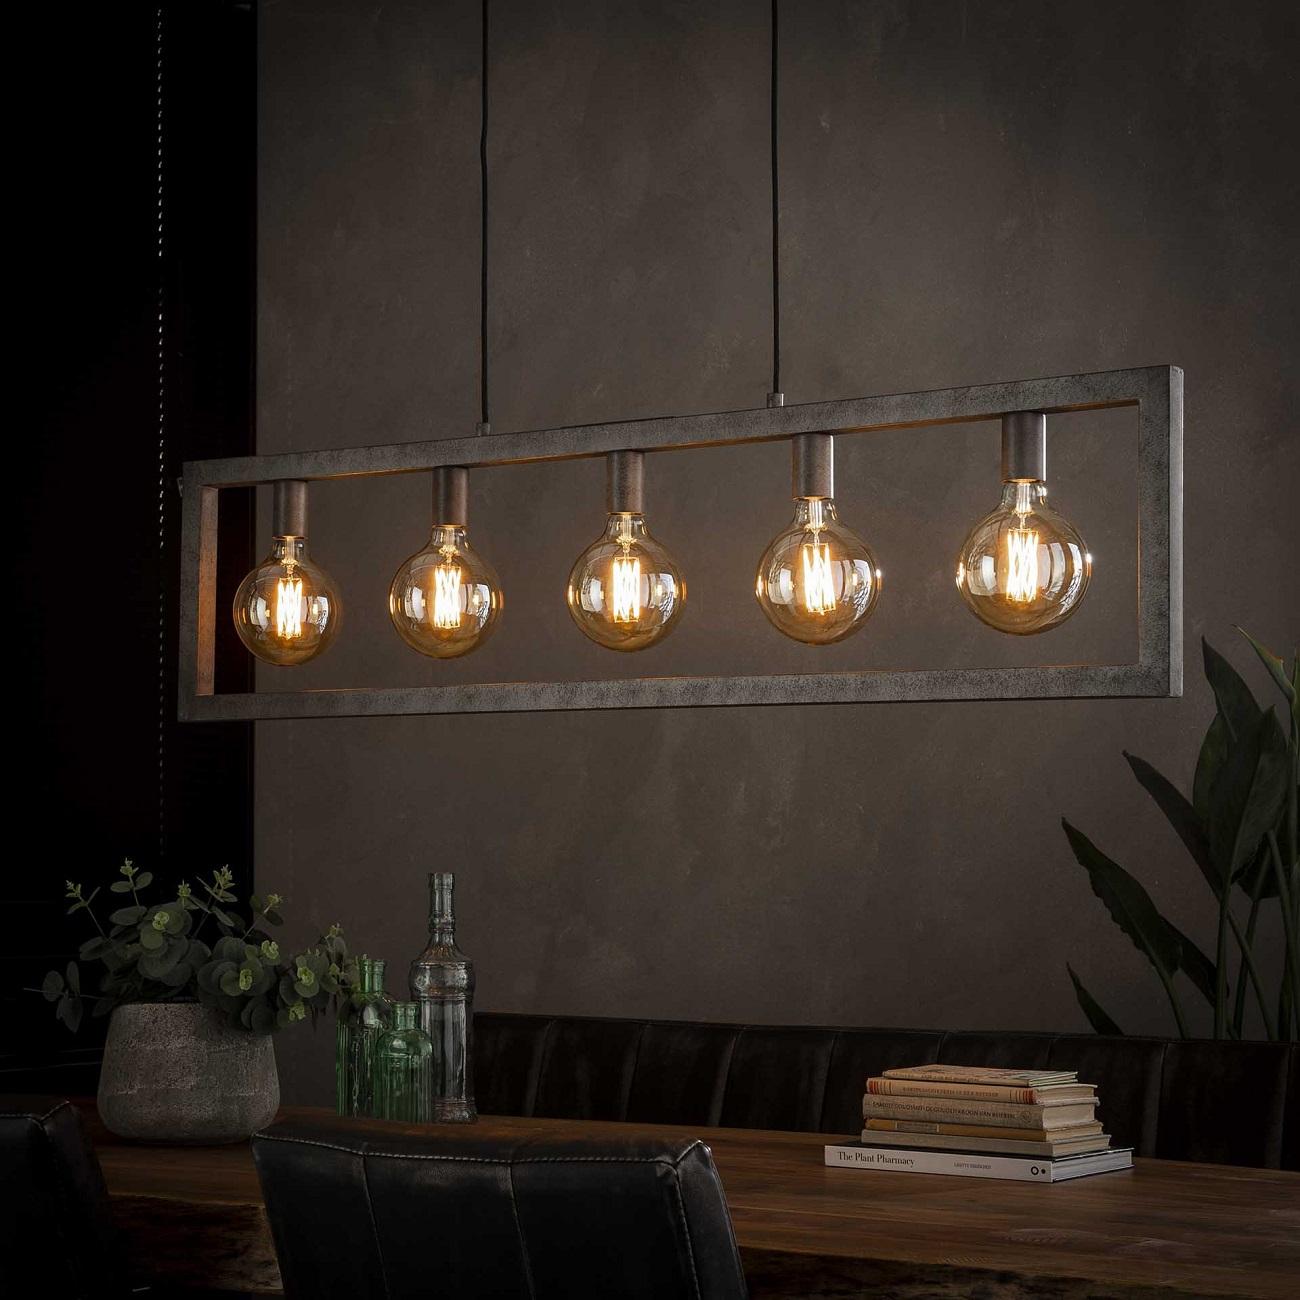 Hanglamp Steps 120 cm breed in oud zilver | Zaloni